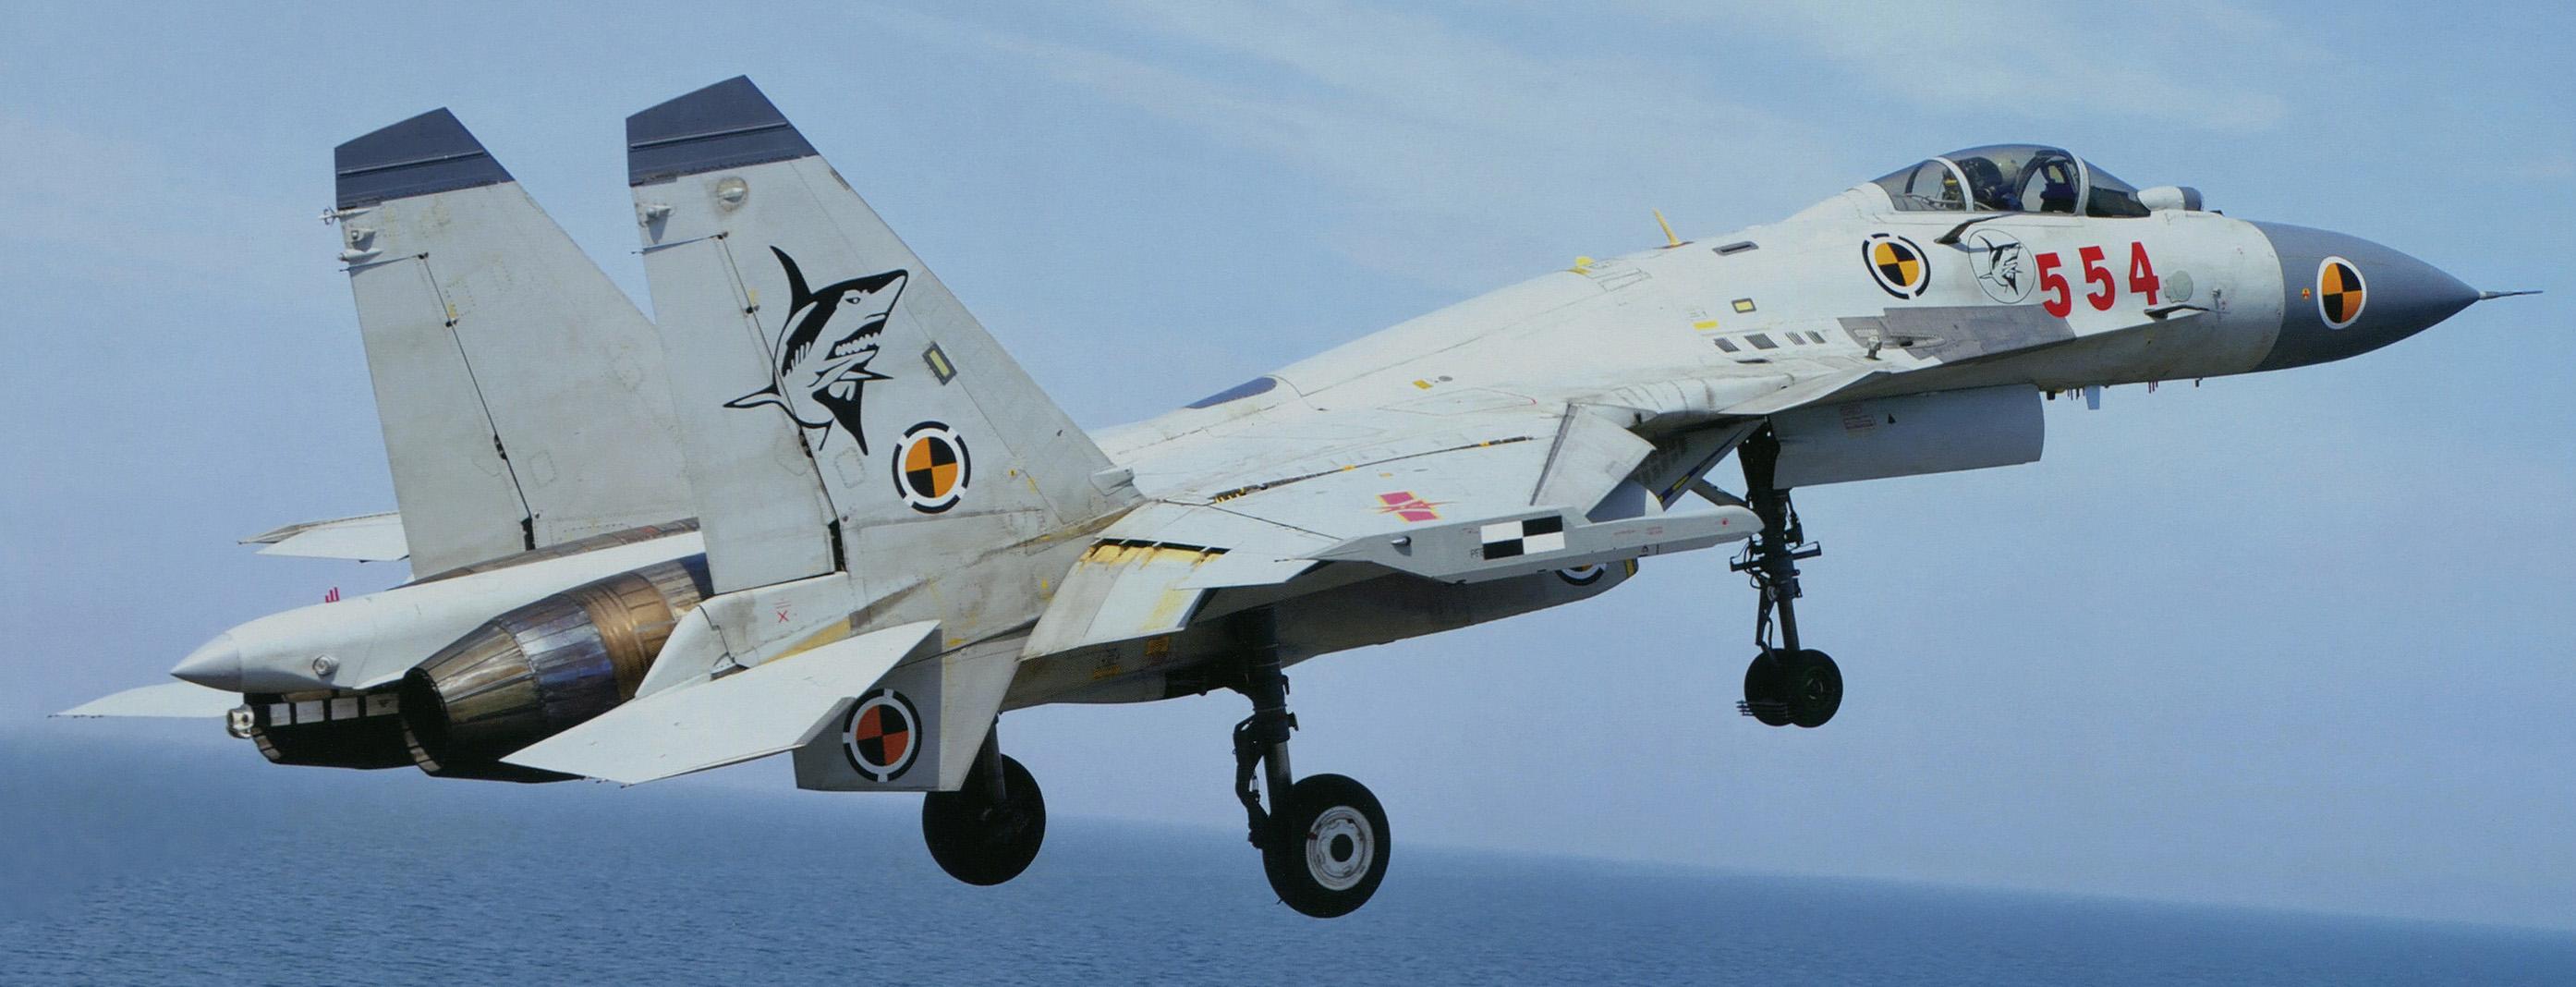 Un caza Shenyang J-15/J-16 como los que fueron identificados por Taiwán (Wikipedia/Garudtejas7)